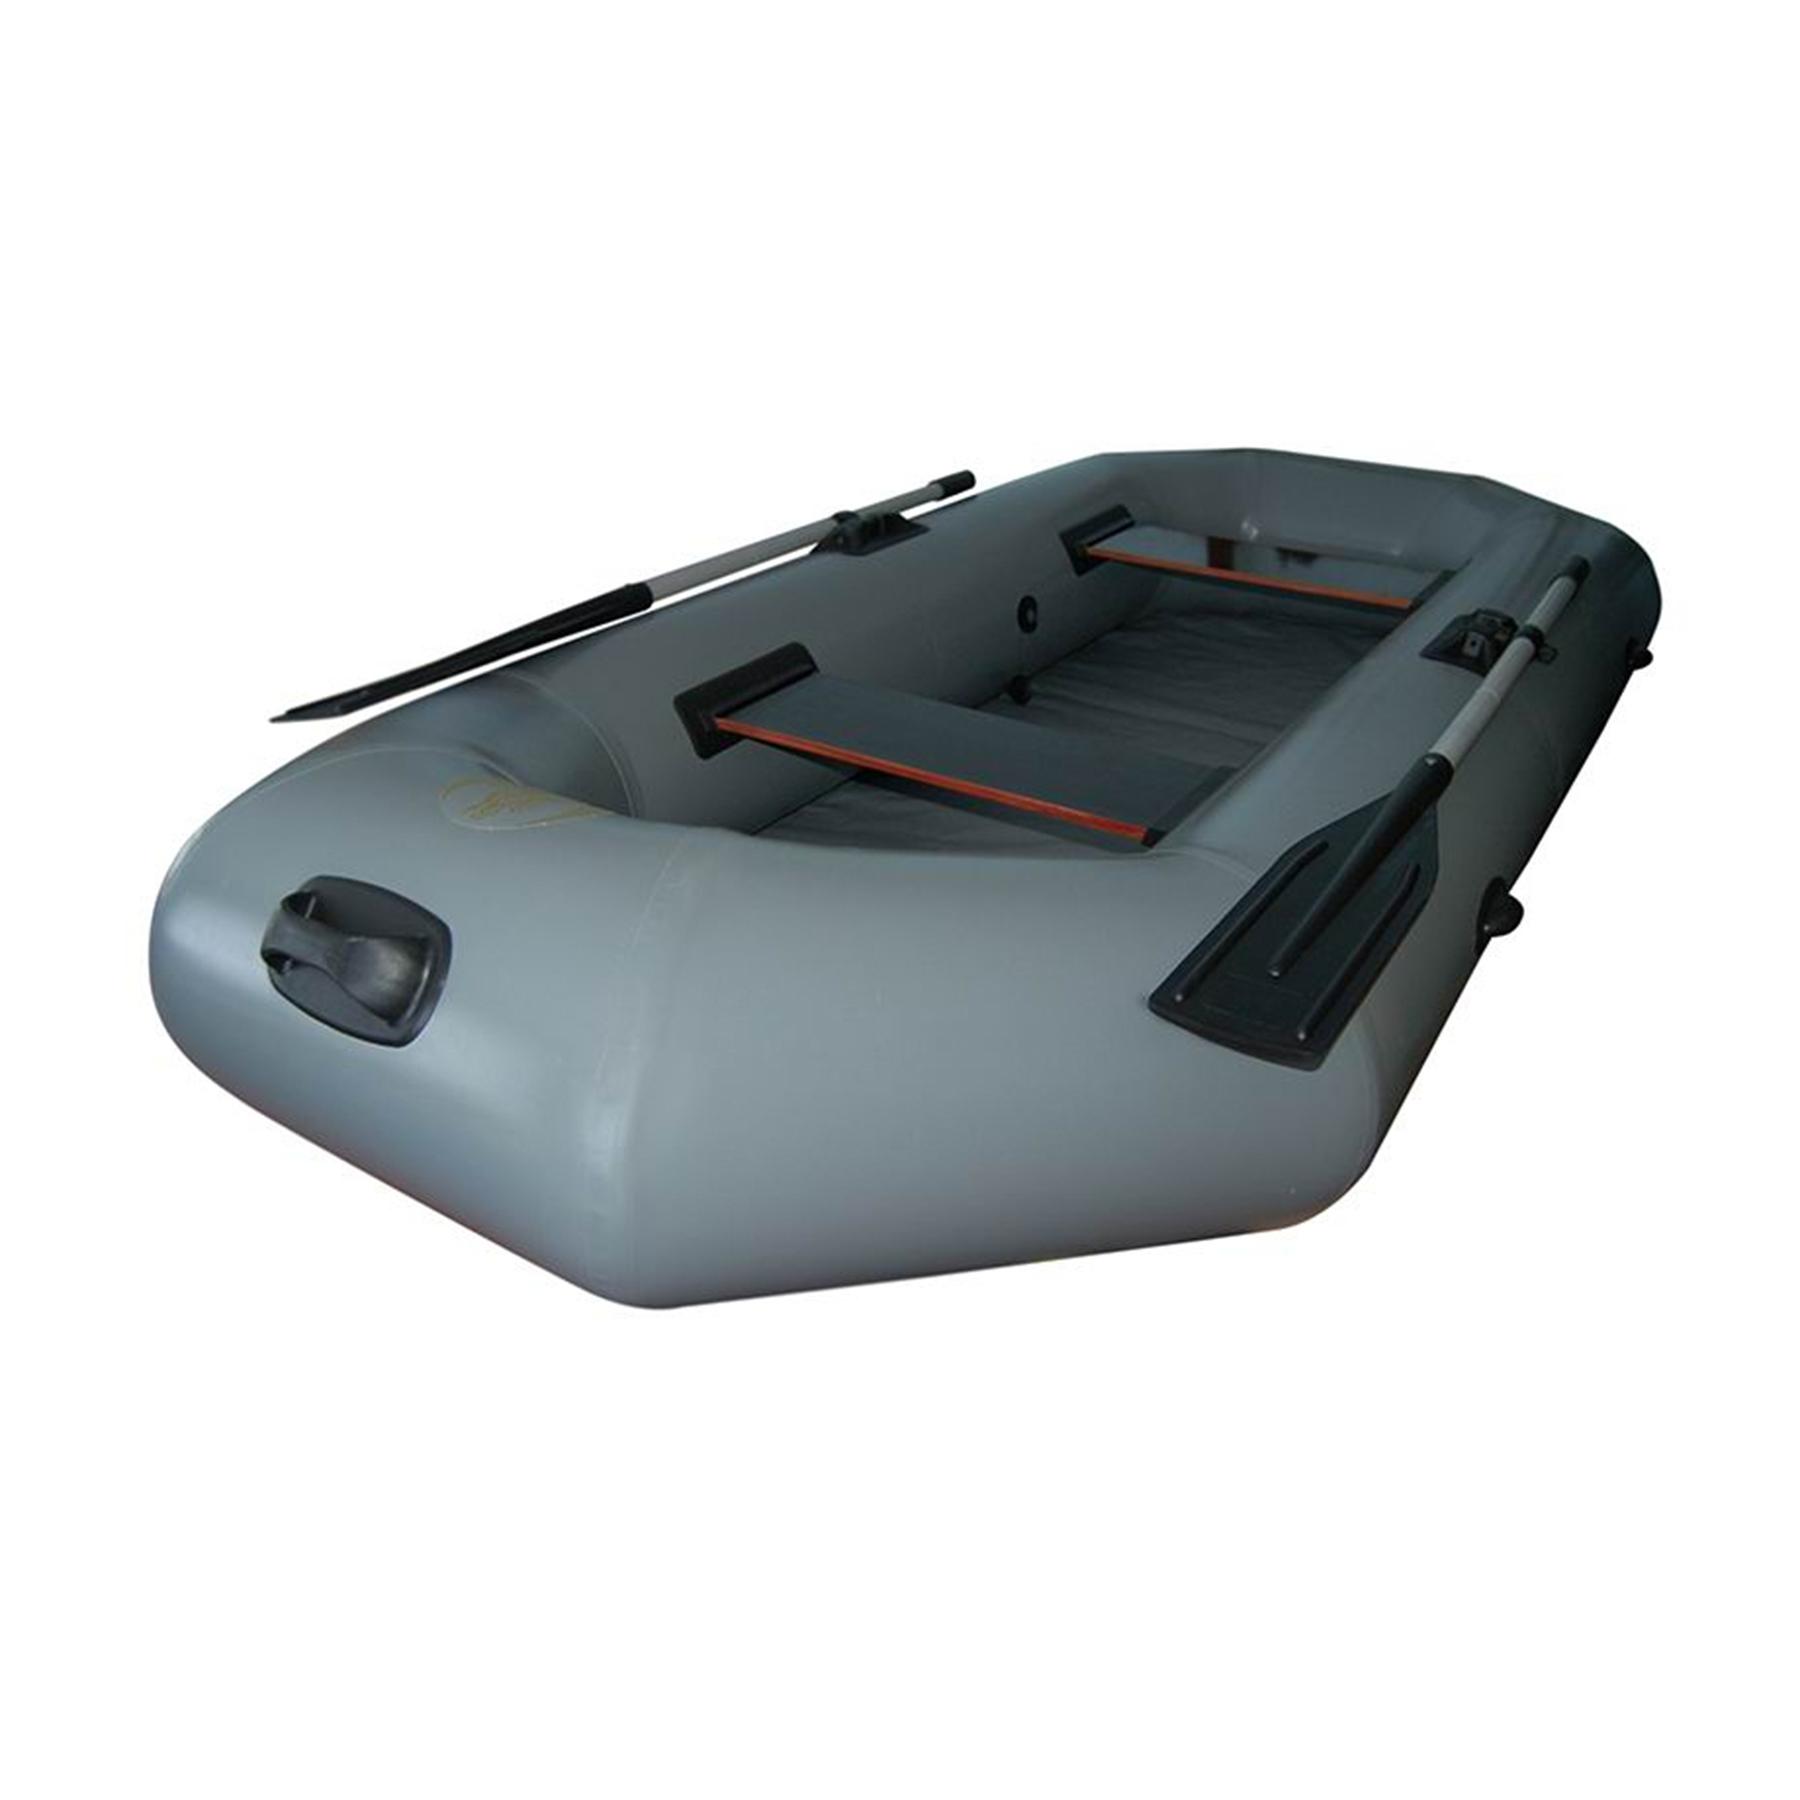 Лодка Легион - 240 / 245  (240*124см, гр.под.210 кг,2отс.,13 кг,ж.сид.,весла)